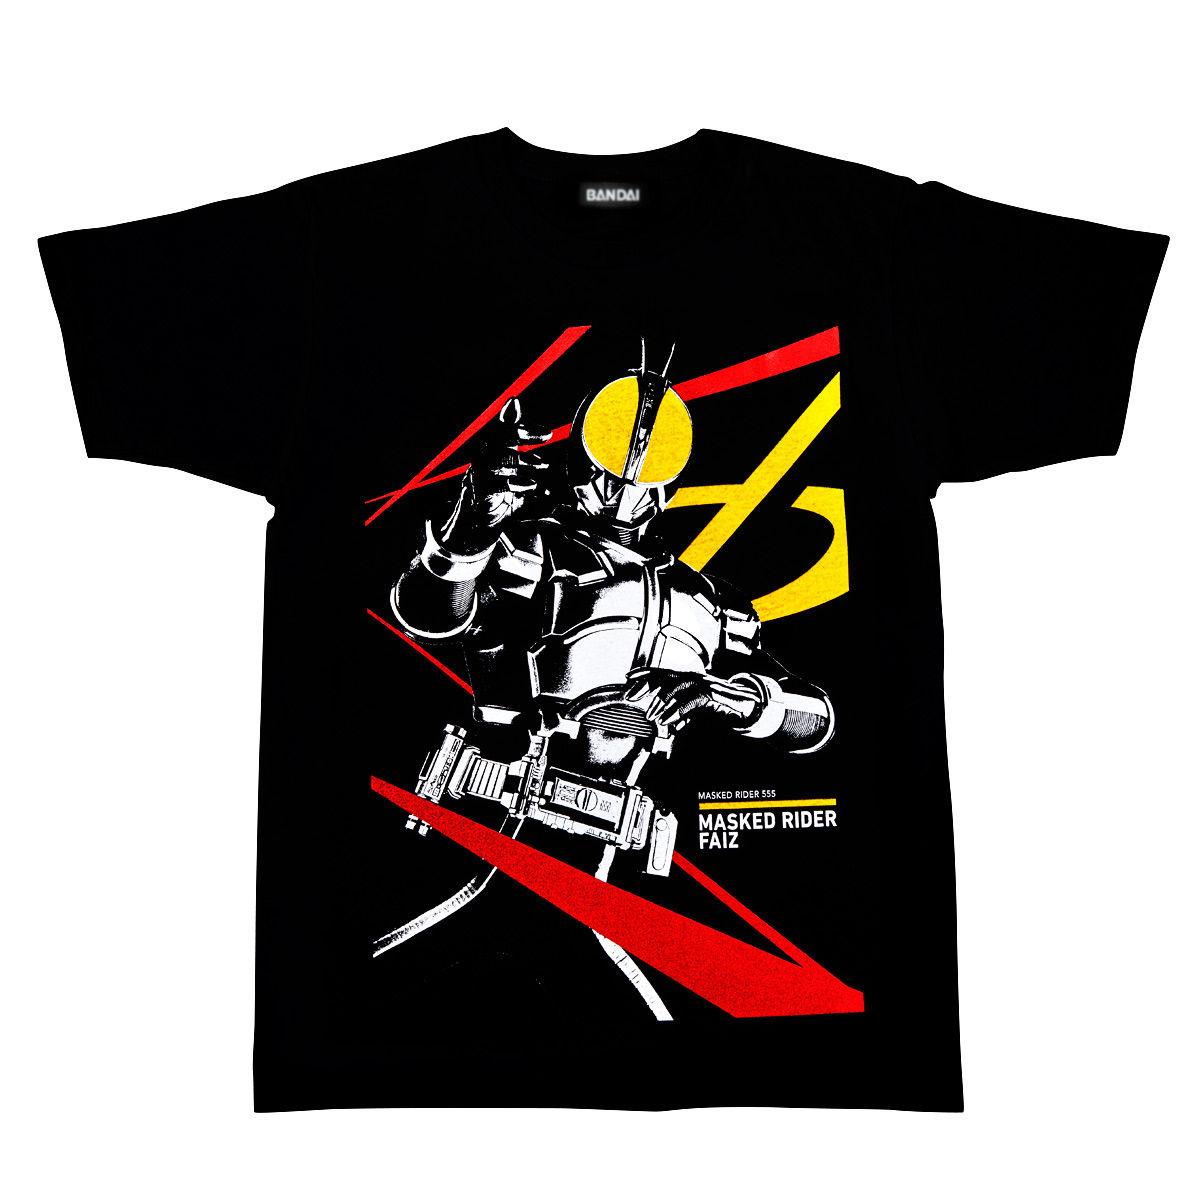 T-shirt of Dreams(Kamen Rider Faiz)—Kamen Rider 555